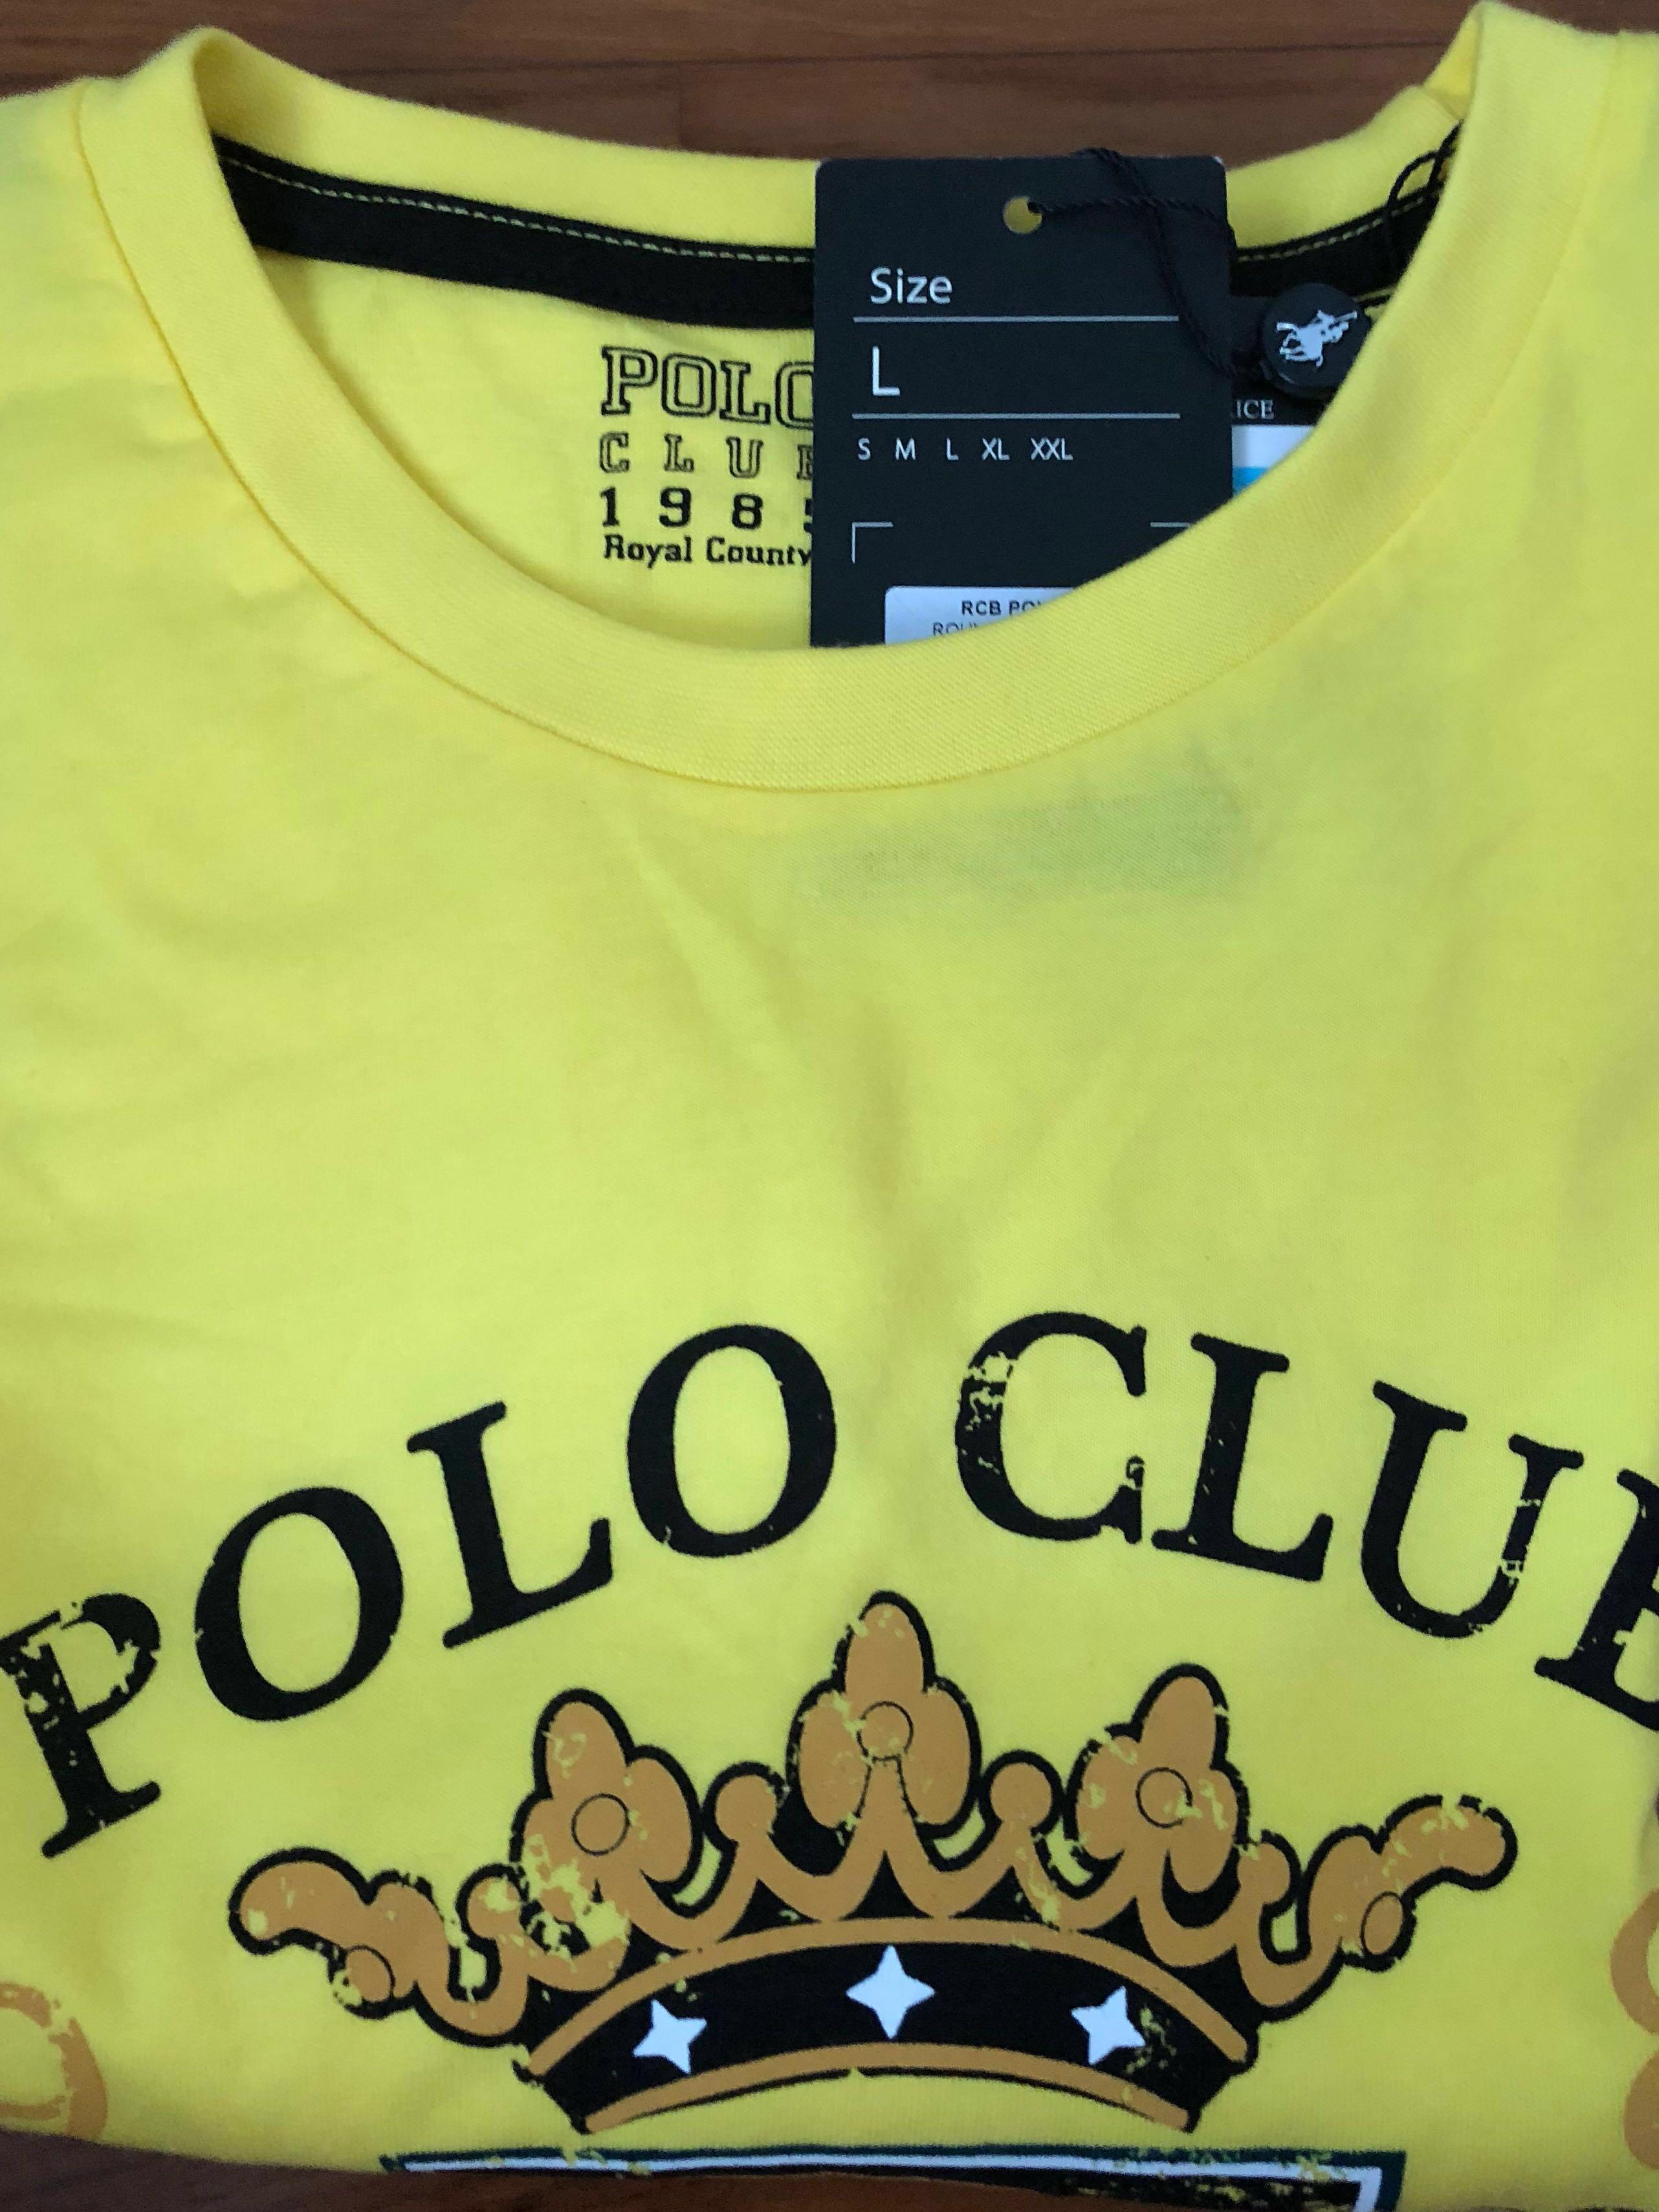 PoloClub Tshirt